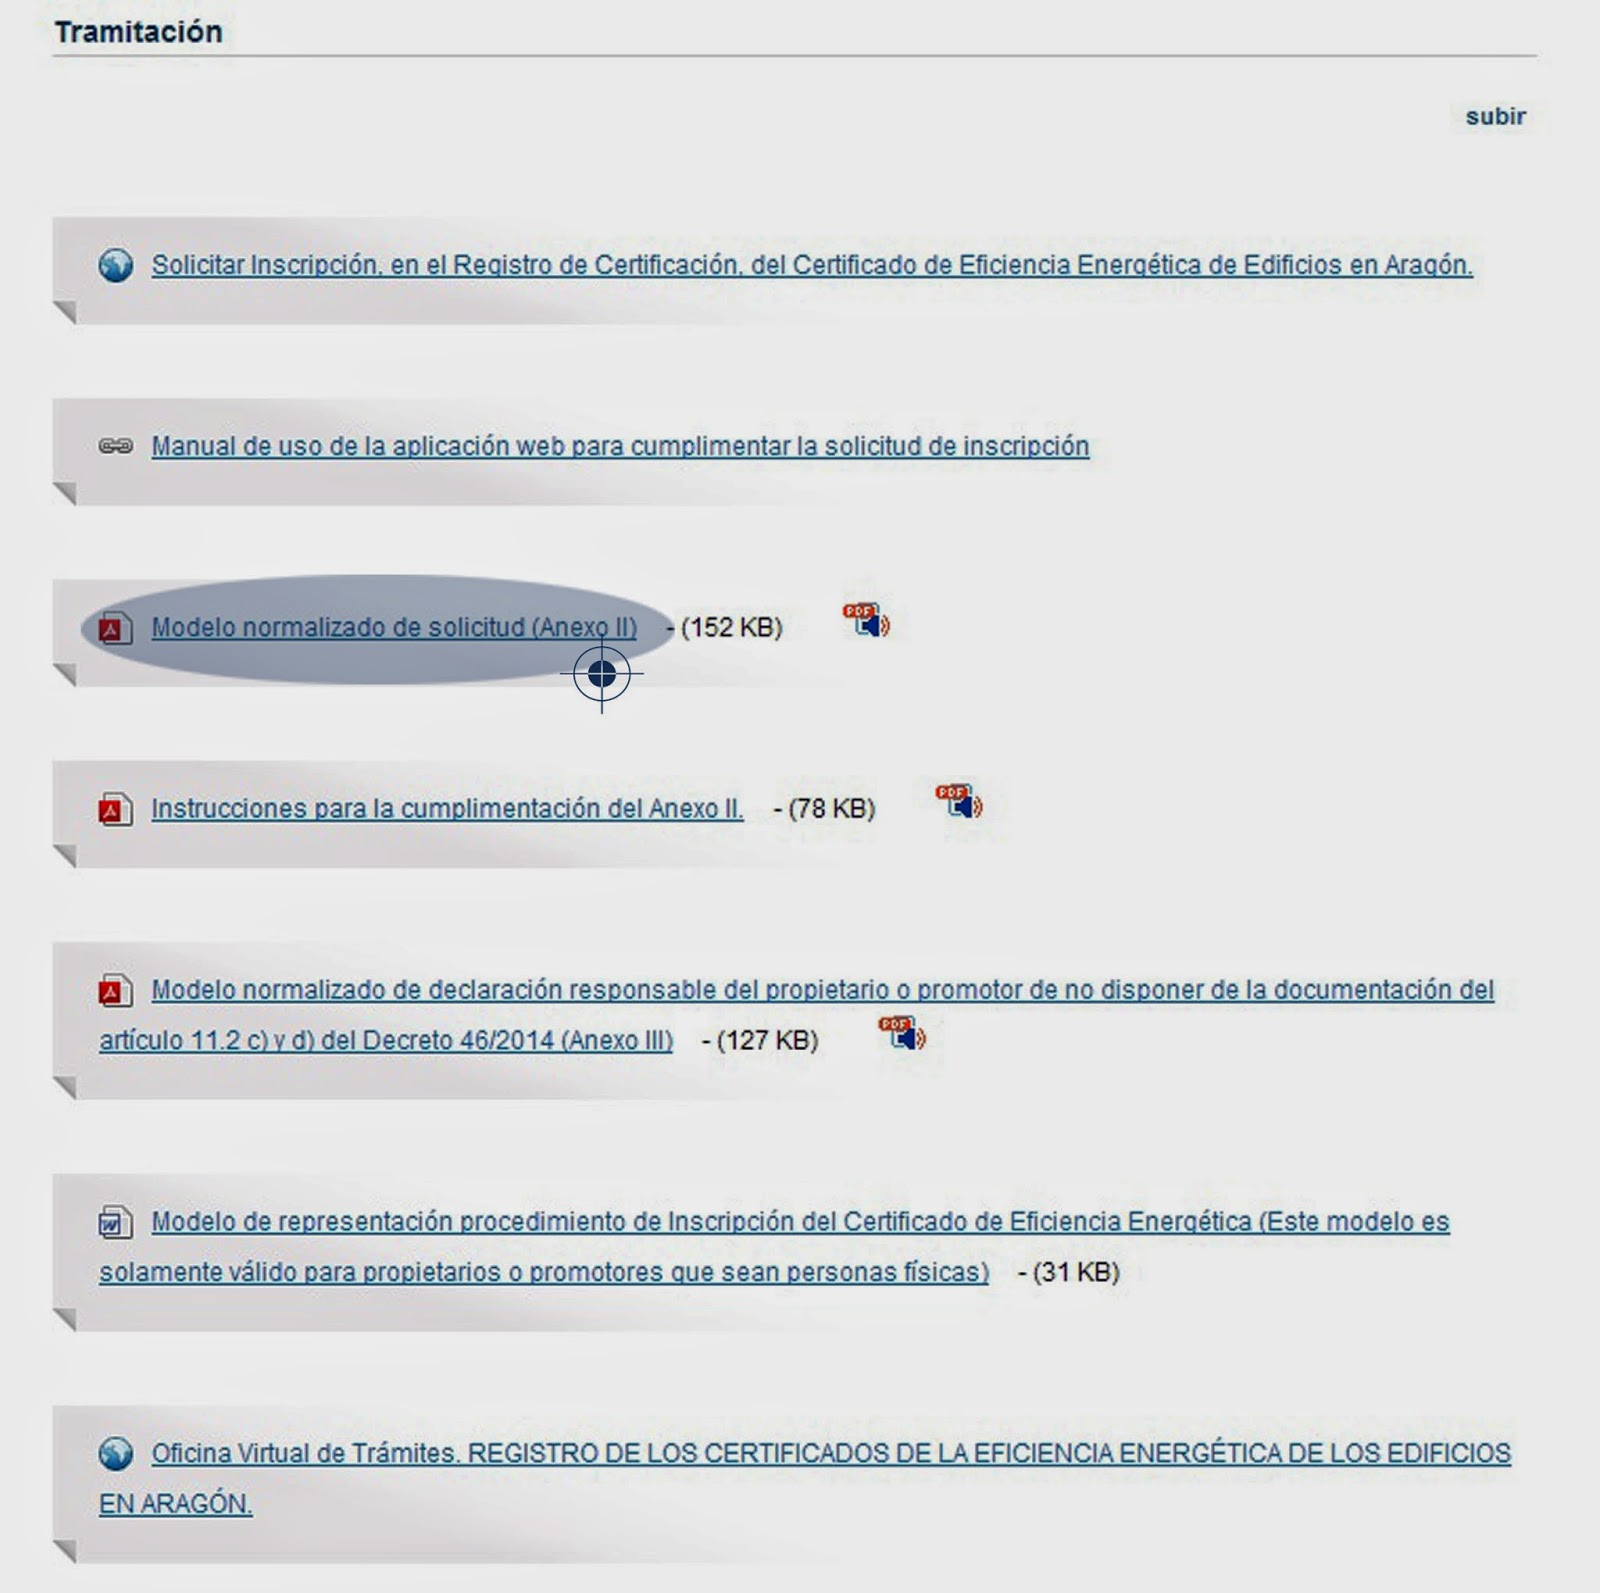 Registro certificado energetico Aragón - Anexo II